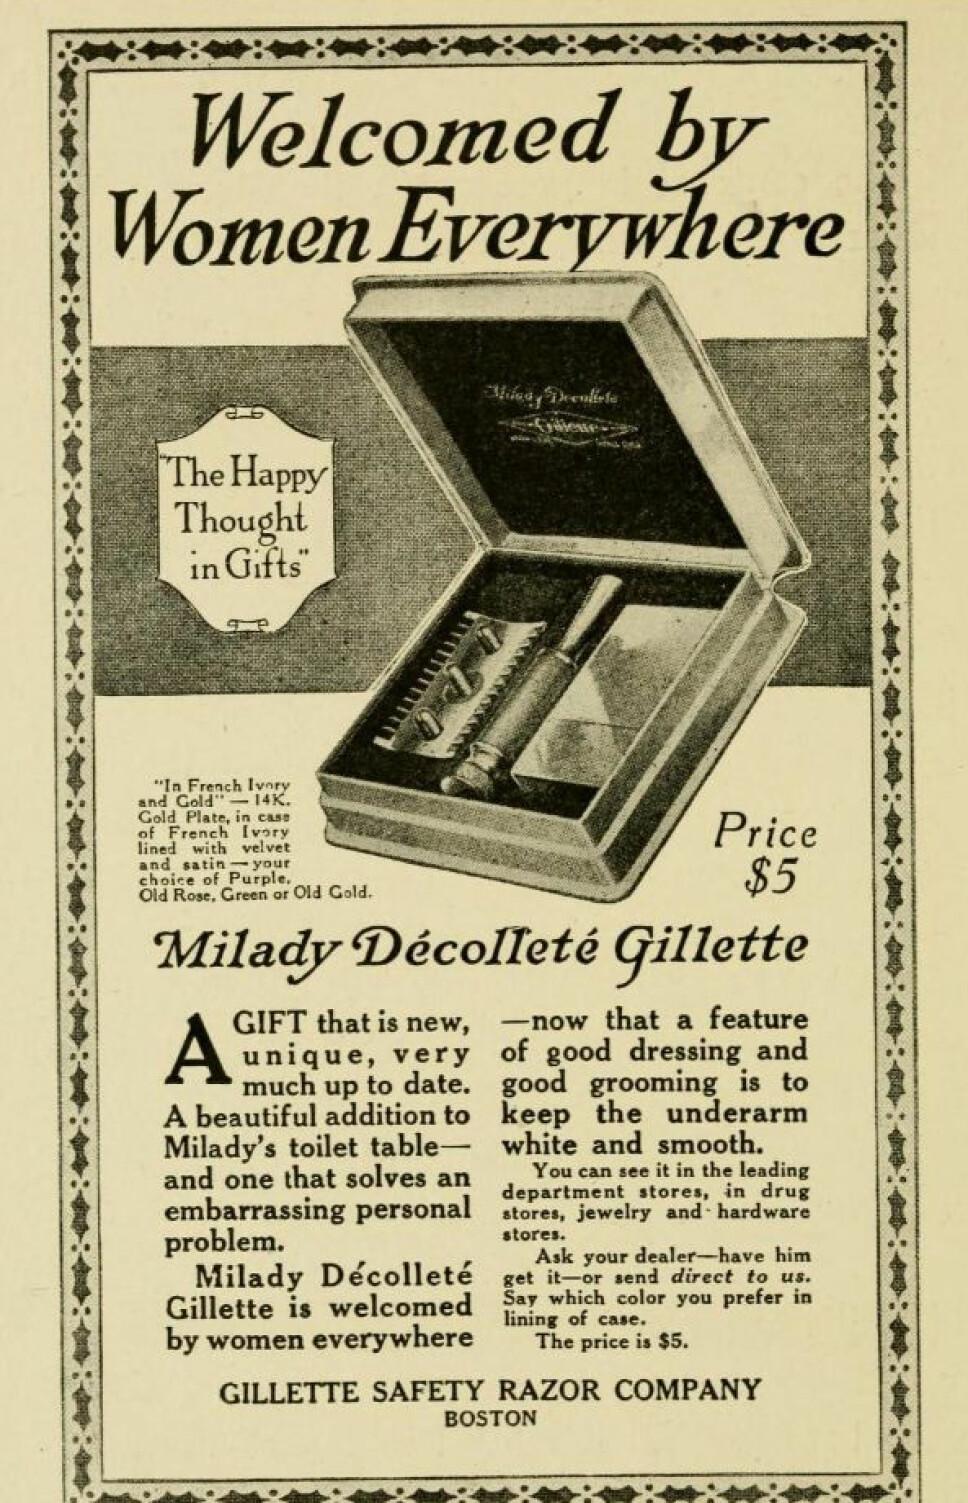 """FØRSTE ANNONSE UT: Denne annonsen for verdens første barberhøvel rettet mot kvinner har i senere tid «fått skylda» for at skjønnhetsidealet i den moderne tid fremdeles er å være hårløs.. Her omtales kroppshår som et """"pinlig, personlig problem""""."""